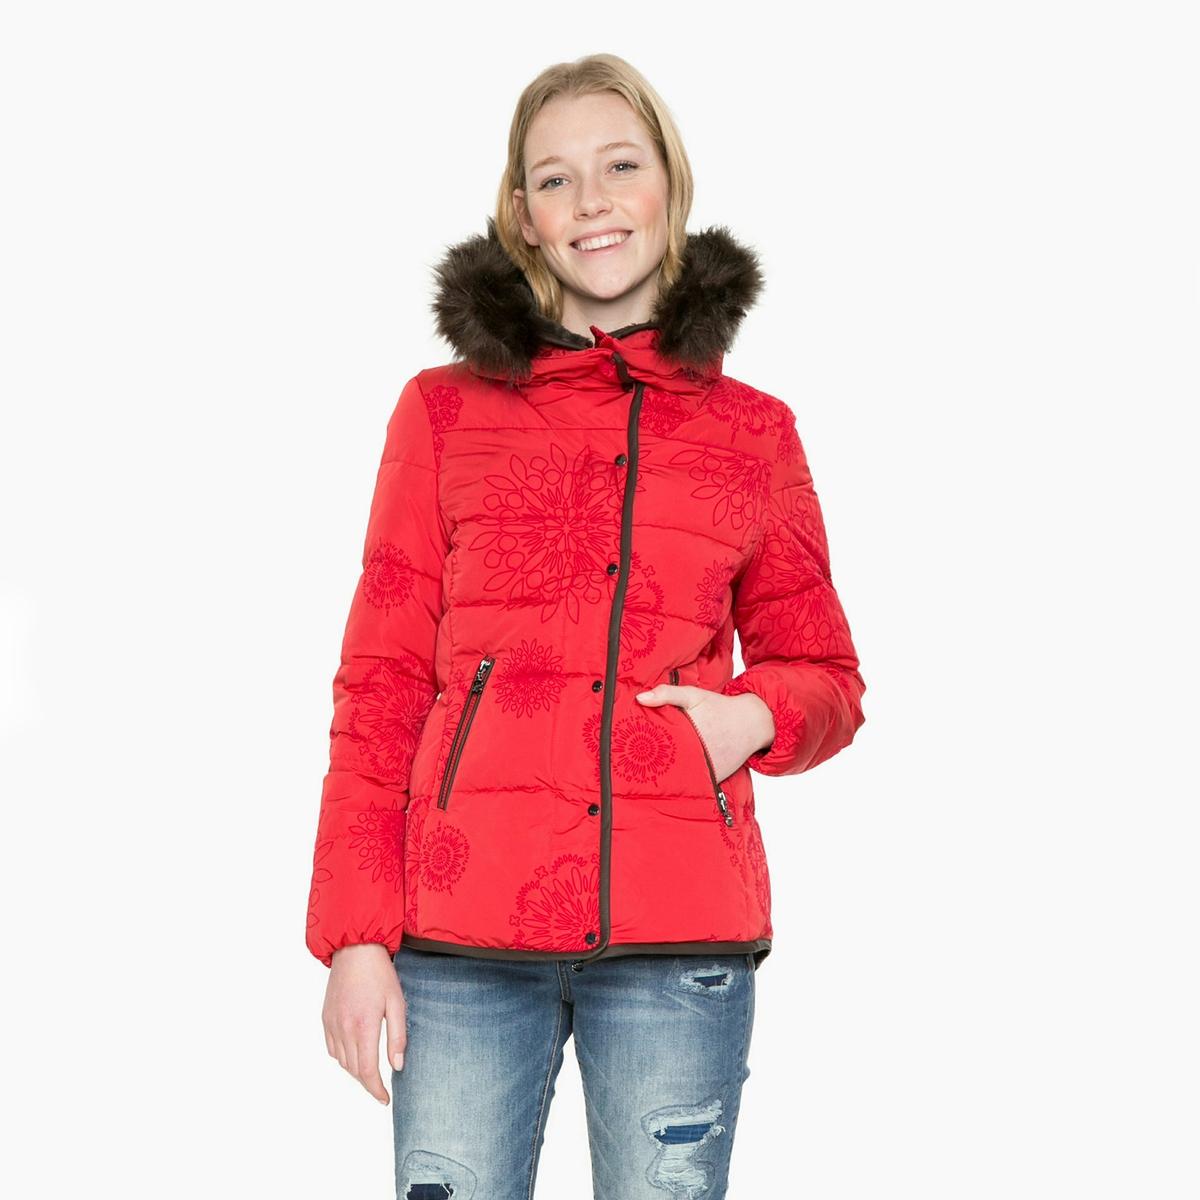 Куртка стеганая с капюшономДетали •  Длина  : укороченная   •  Капюшон  •  Застежка на молнию •  С капюшоном Состав и уход •  100% полиэстер •  Следуйте советам по уходу, указанным на этикетке<br><br>Цвет: красный<br>Размер: 46 (FR) - 52 (RUS)